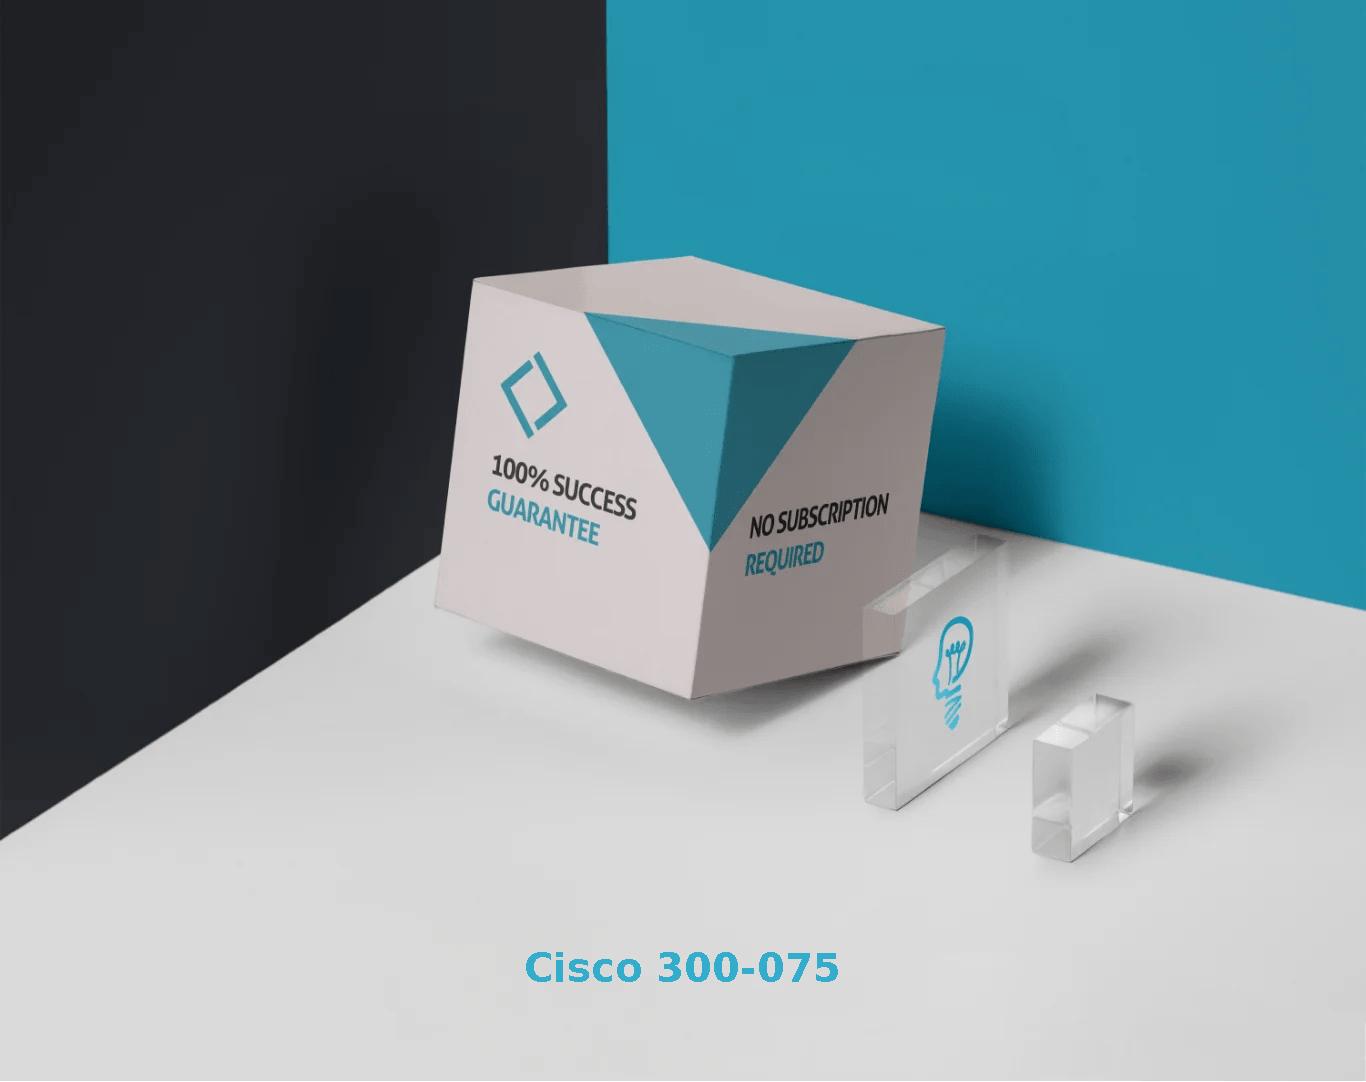 Cisco 300-075 Exams